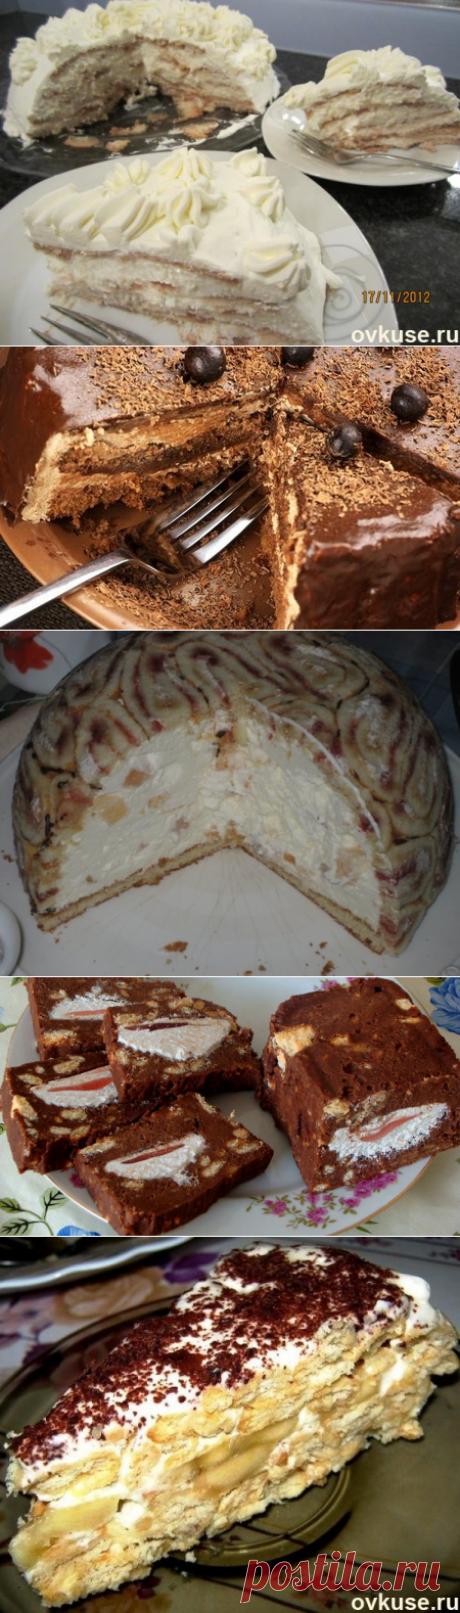 Торты без выпечки (подборка) - Простые рецепты Овкусе.ру